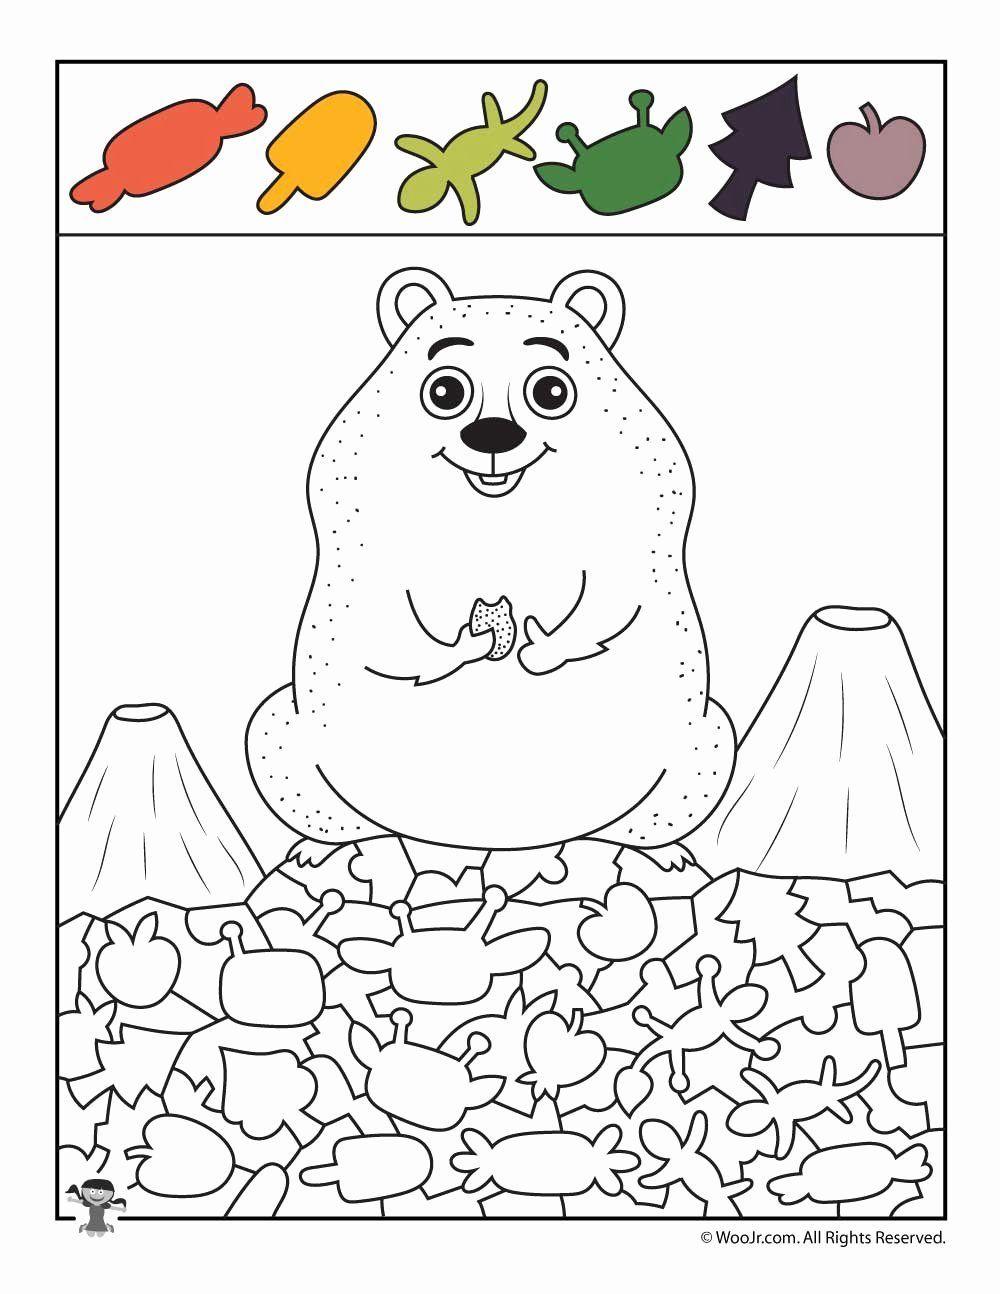 Groundhog Day Malvorlagen Kostenlos Schone Malvorlagen Groundhog Day Malvorlagen L Example Memo Kinder Malbuch Versteckte Bilder Geburtstag Malvorlagen